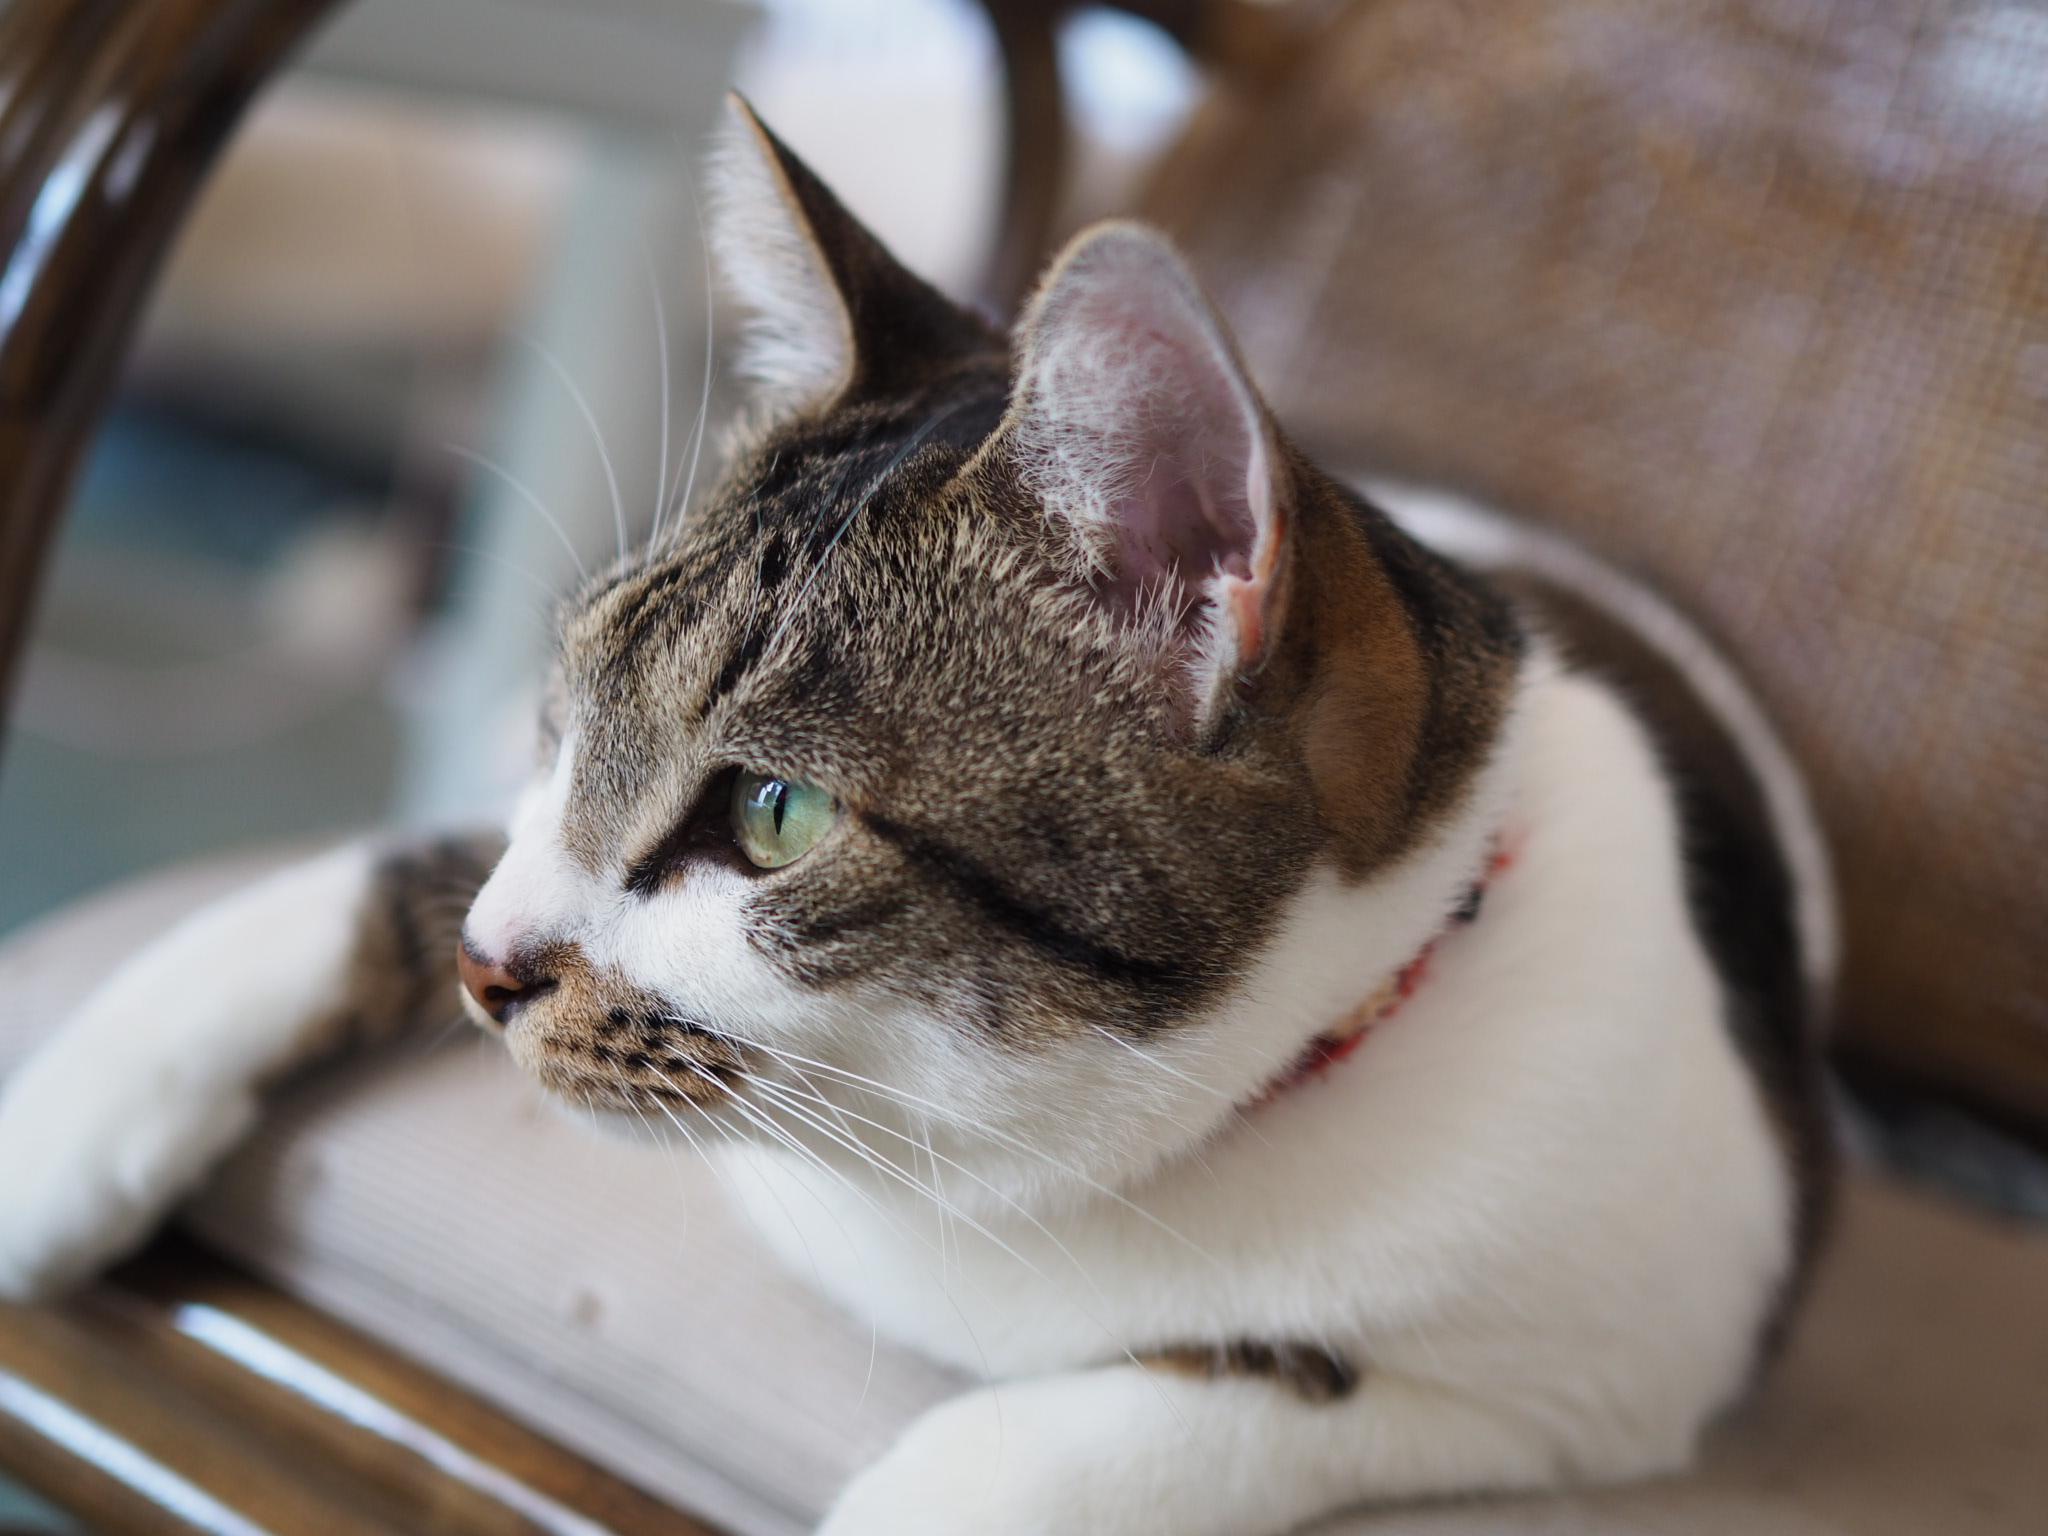 猫は飼い主なんか待たへんねん!でも心配なのね